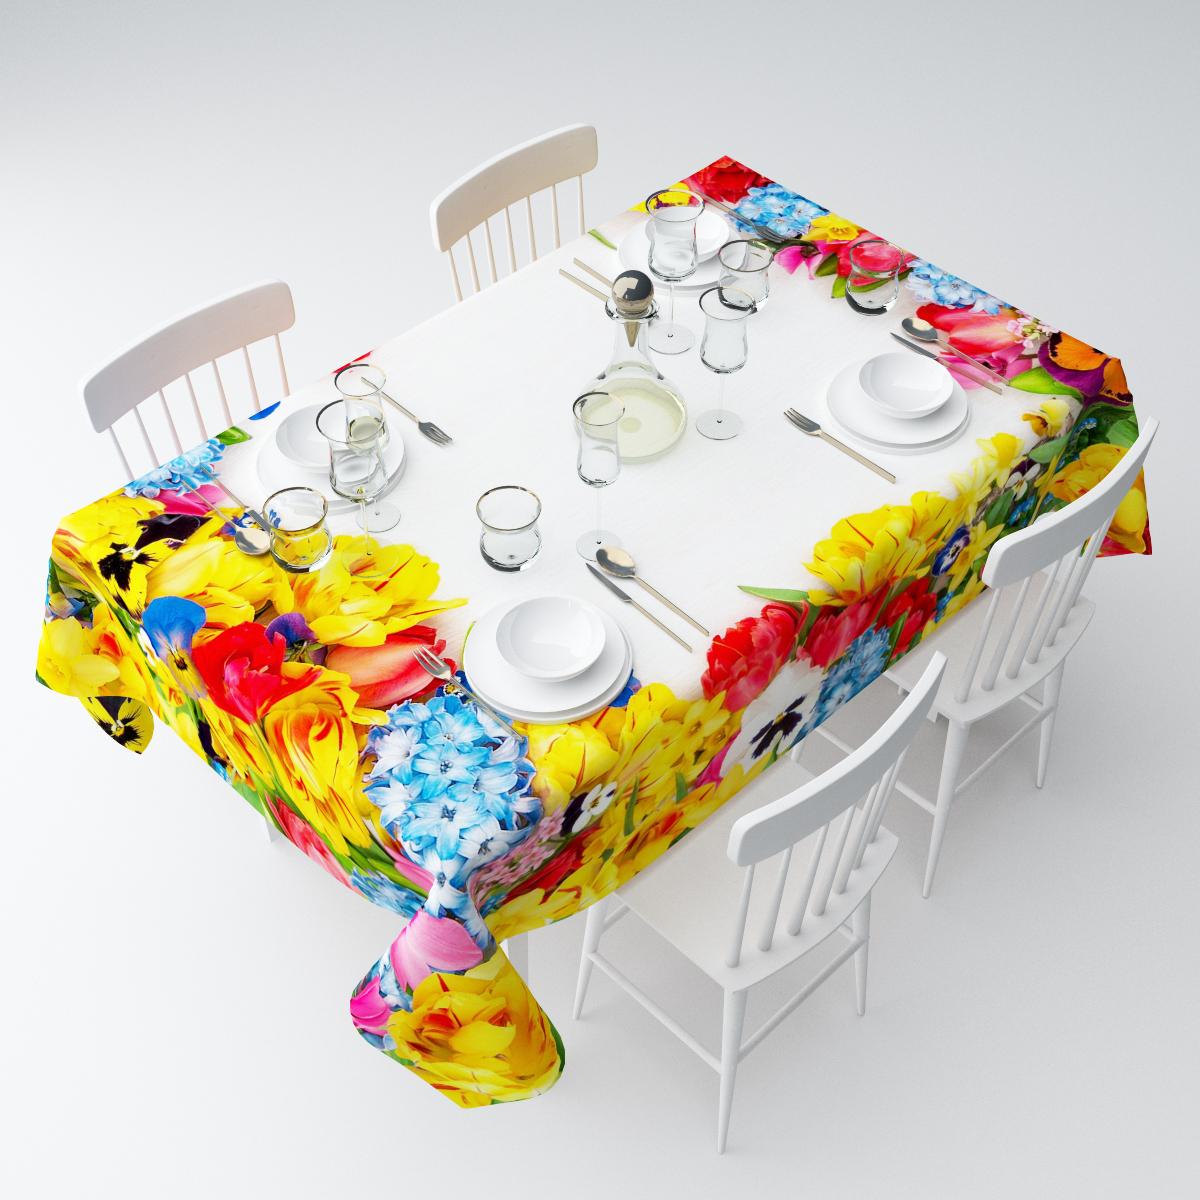 Скатерть Сирень Яркие бутоны цветов, прямоугольная, 145 х 120 смСКГБ003-03454Прямоугольная скатерть Сирень Яркие бутоны цветов, выполненная изгабардина с ярким рисунком, преобразит вашу кухню, визуальнорасширит пространство, создаст атмосферу радости и комфорта.Рекомендации по уходу: стирка при 30 градусах, гладить при температуре до 110градусов. Размер скатерти: 145 х 120 см.Изображение может немного отличаться от реального.